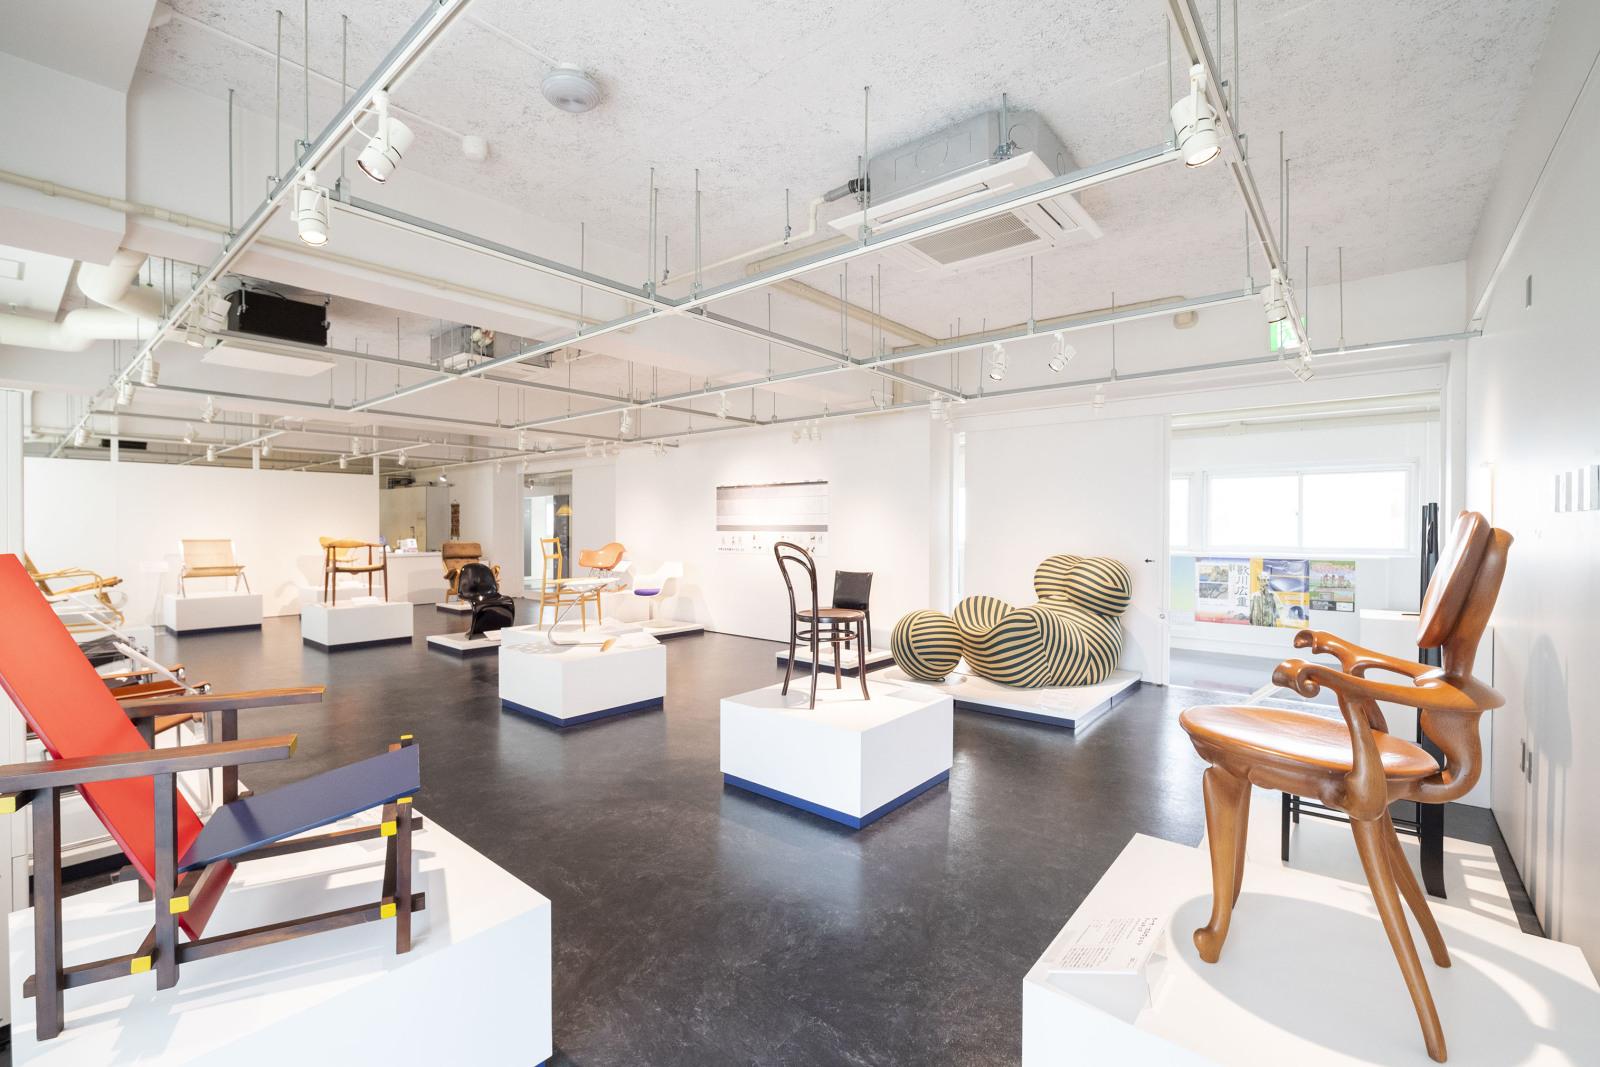 「織田コレクション展『世界の名作椅子ベスト20』」の会場。